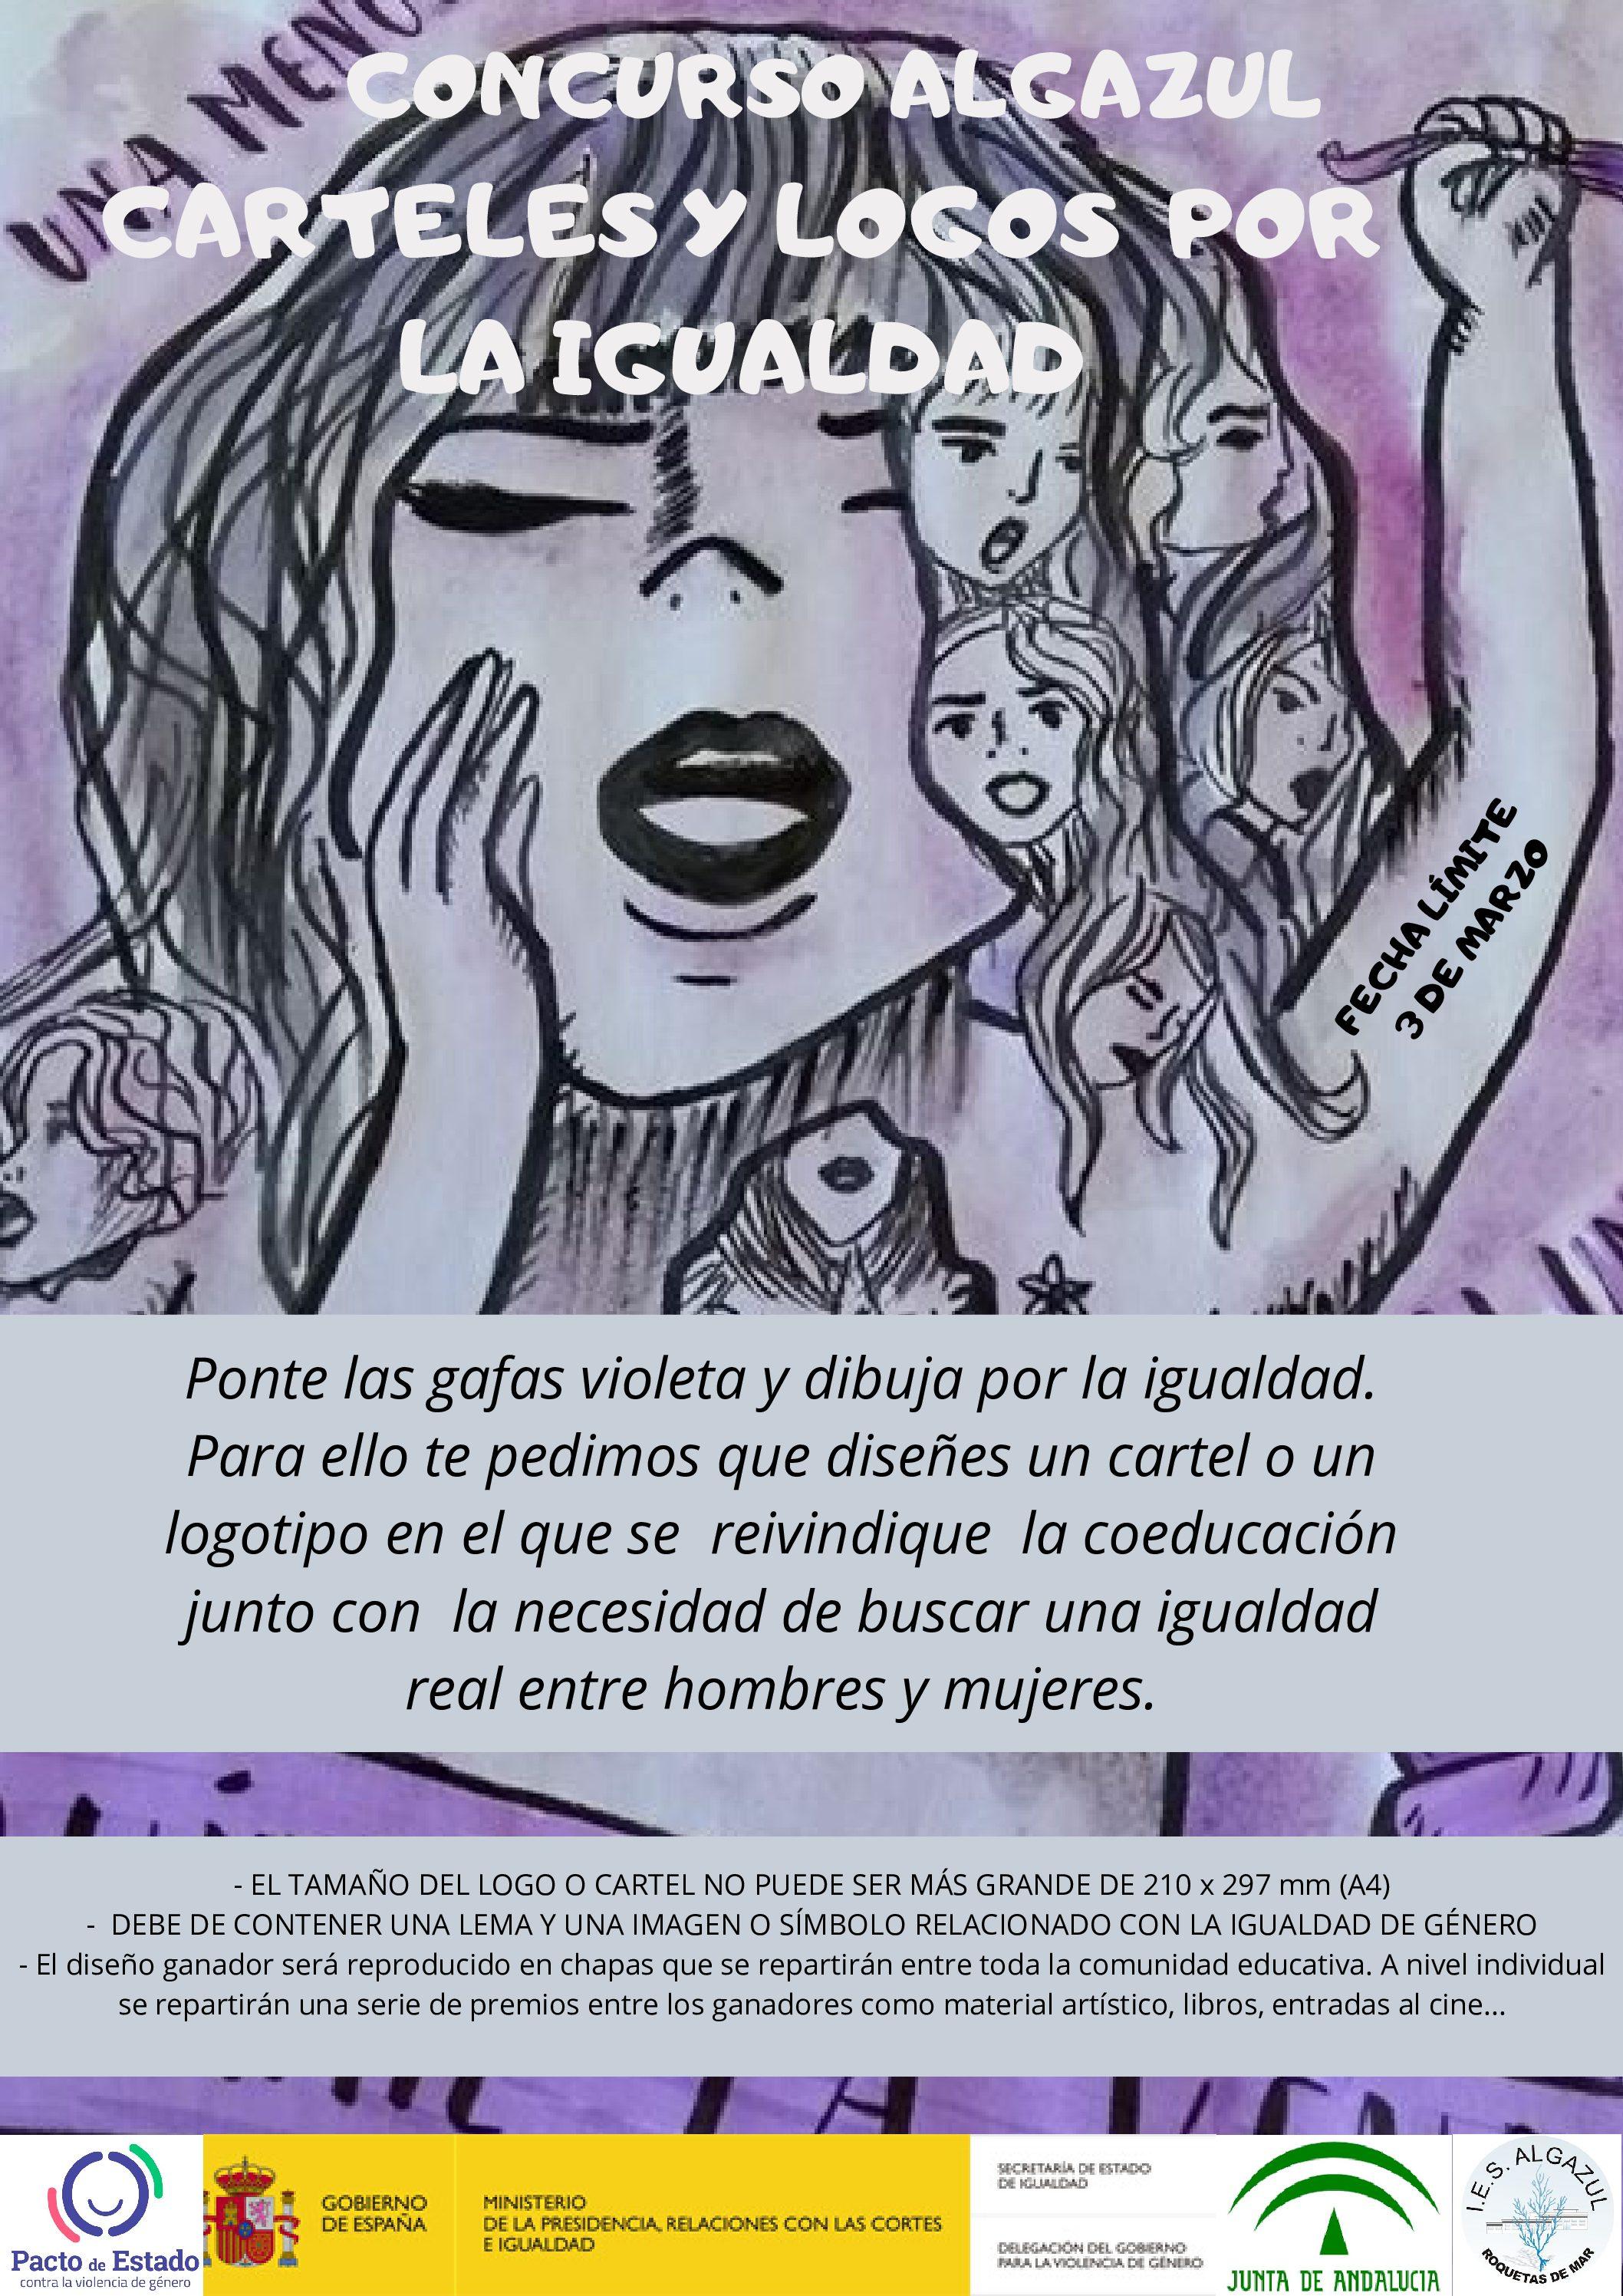 Concurso Algazul carteles y logos por la igualdad